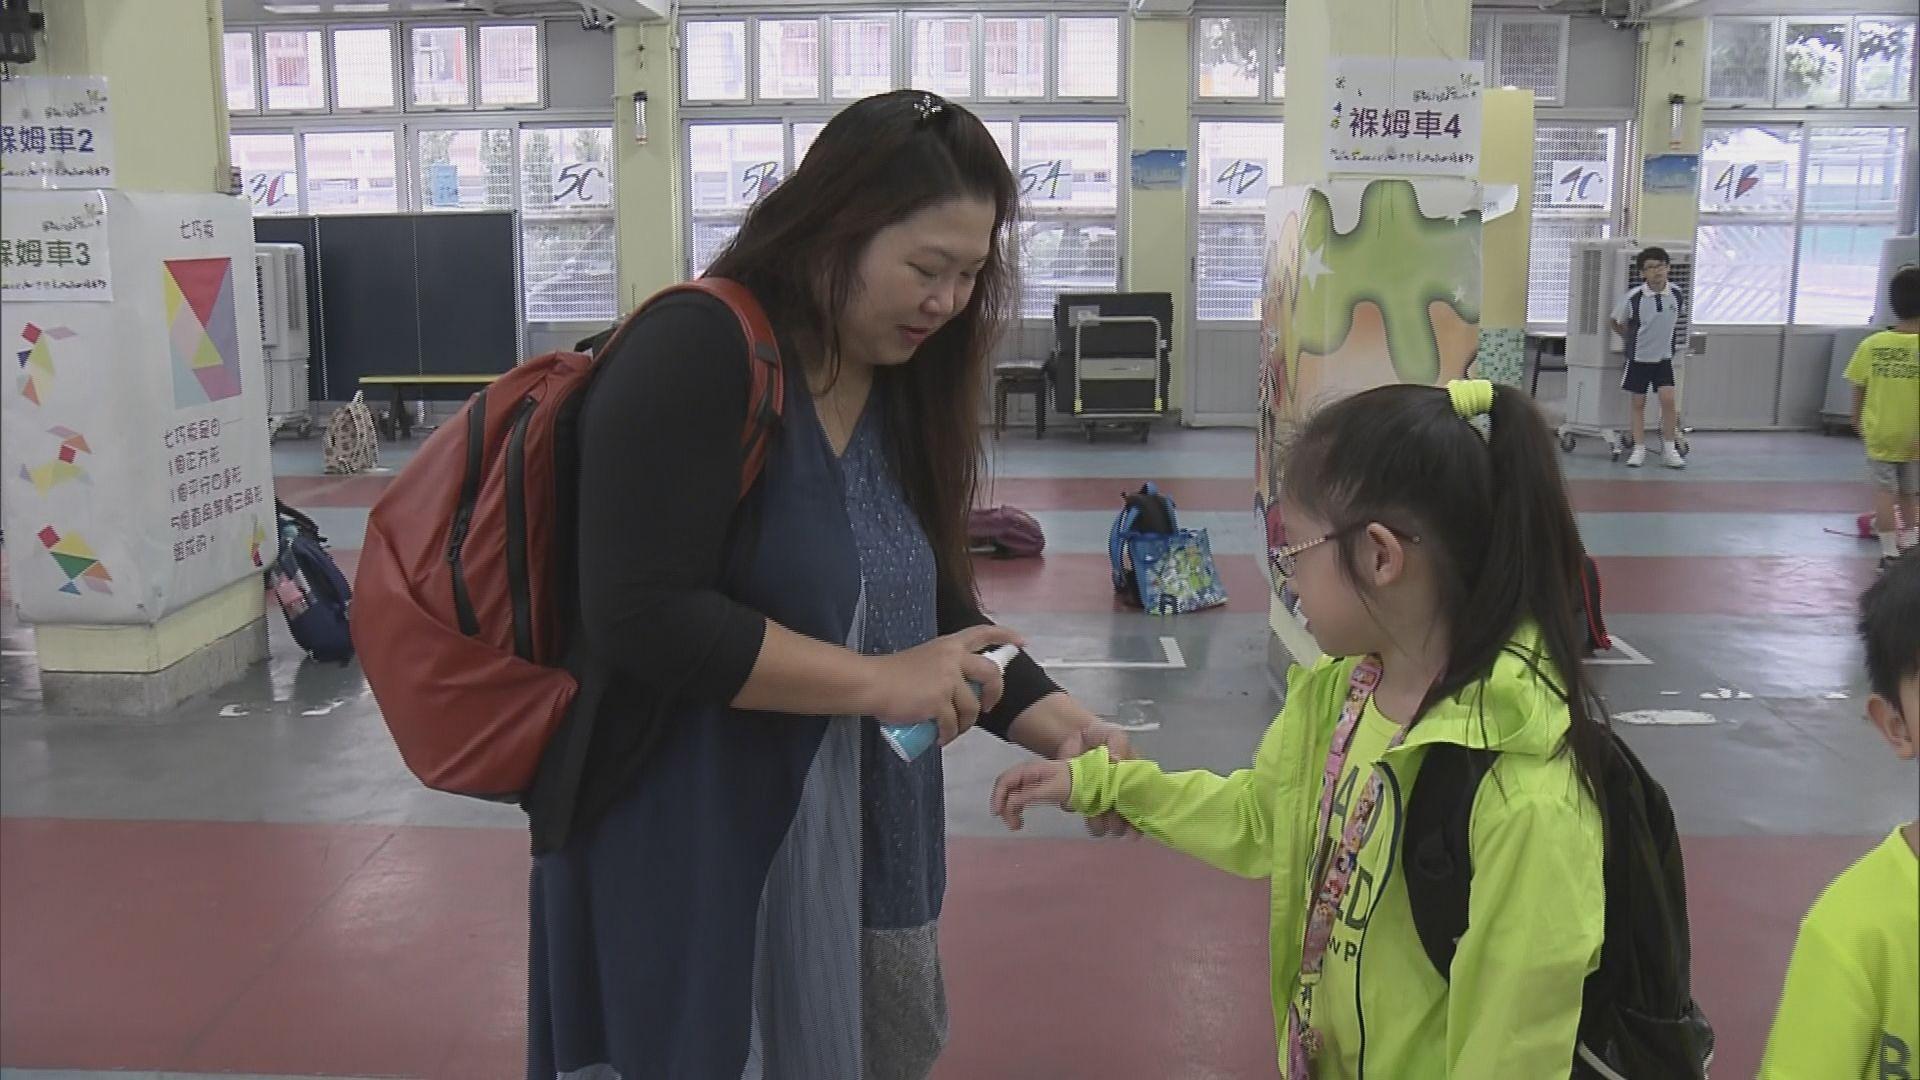 黃大仙區學校開學加強防蚊